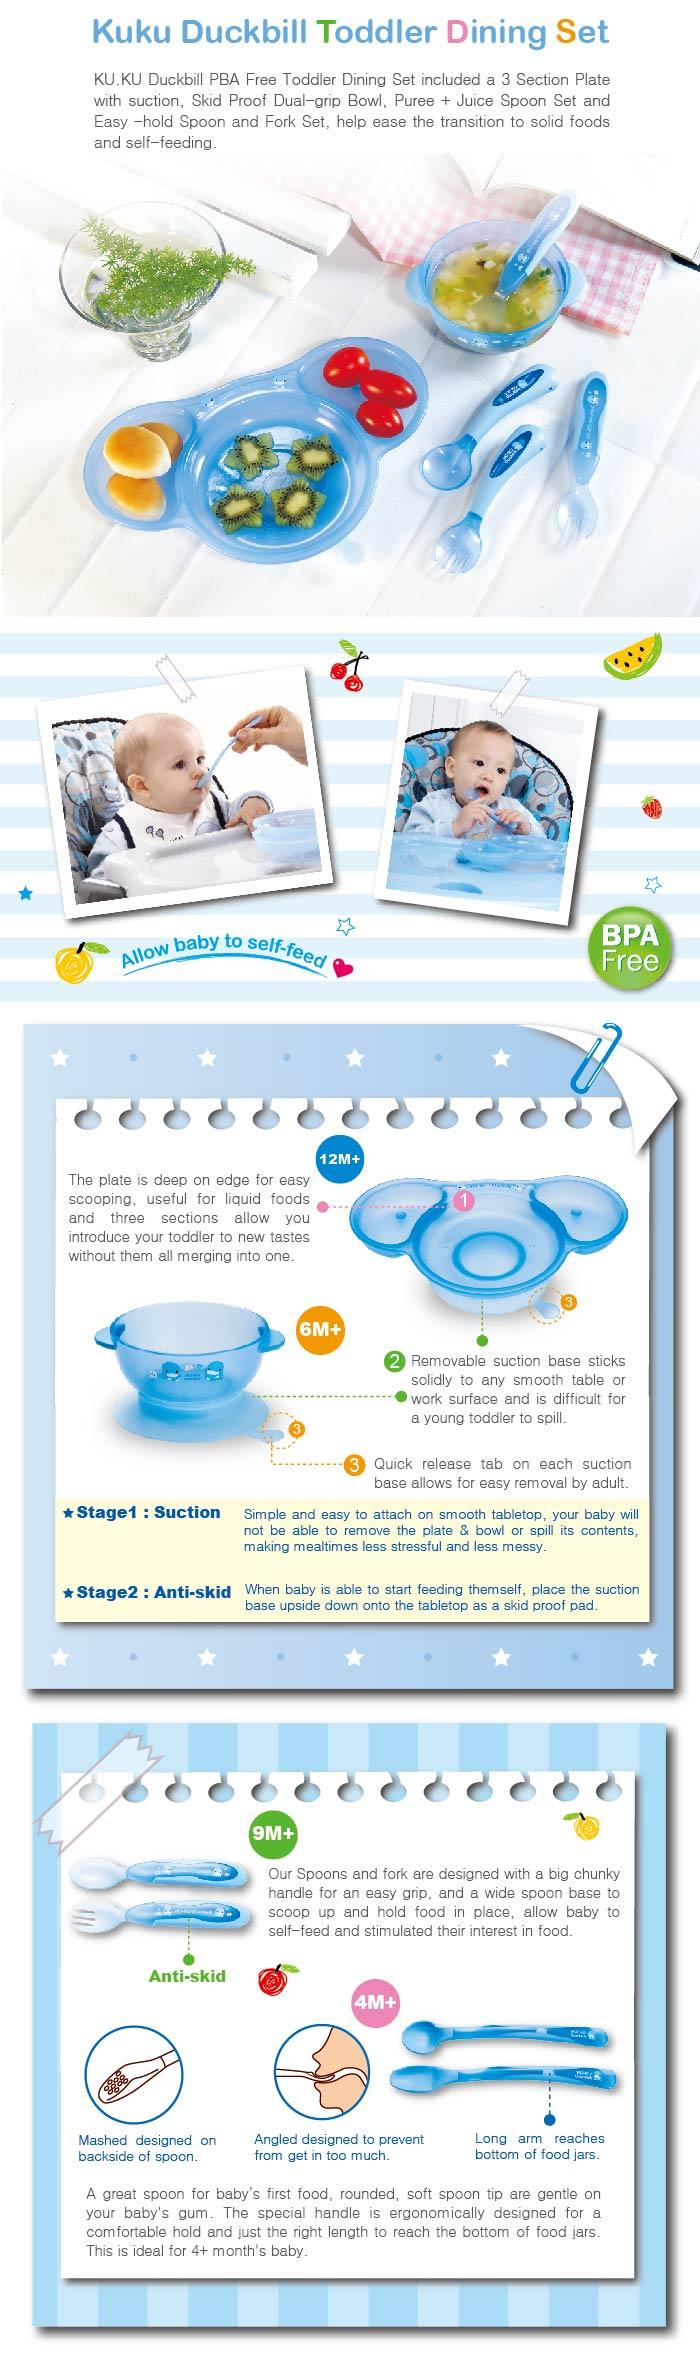 Kuku Duckbill Ku5443 Dining Set Bowls Cutlery Sponn Cat More Info